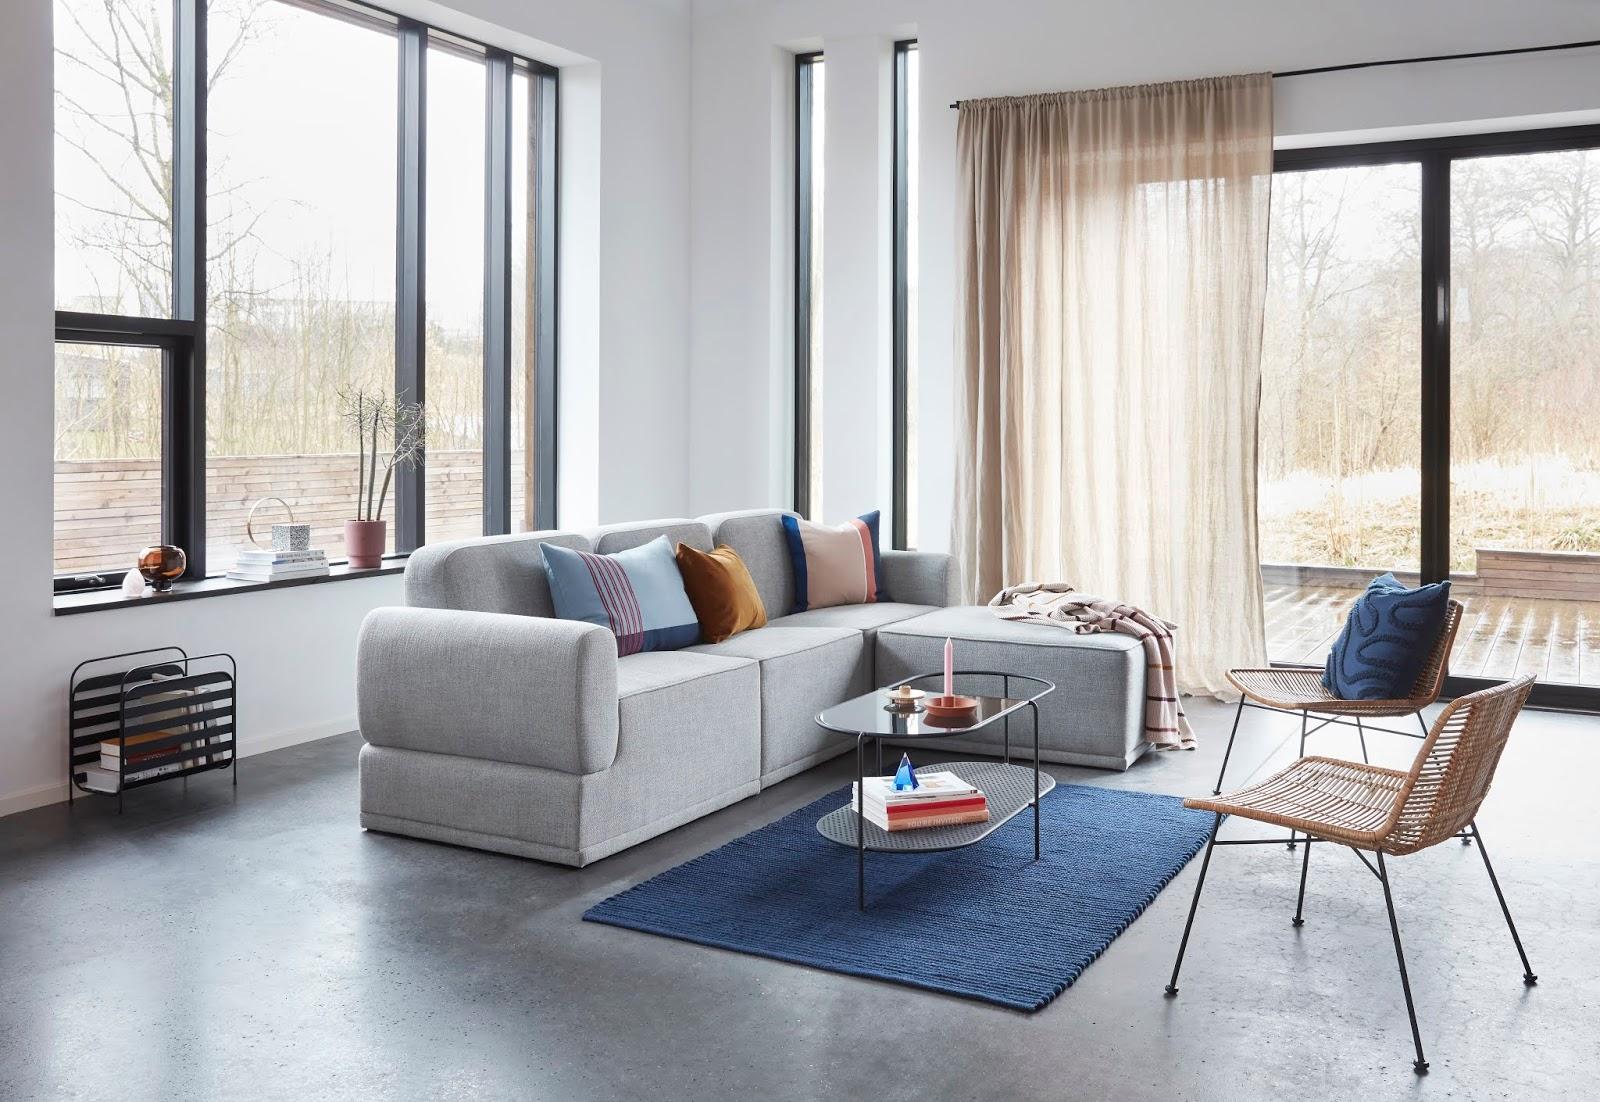 Czym kierować się przy kupnie sofy?